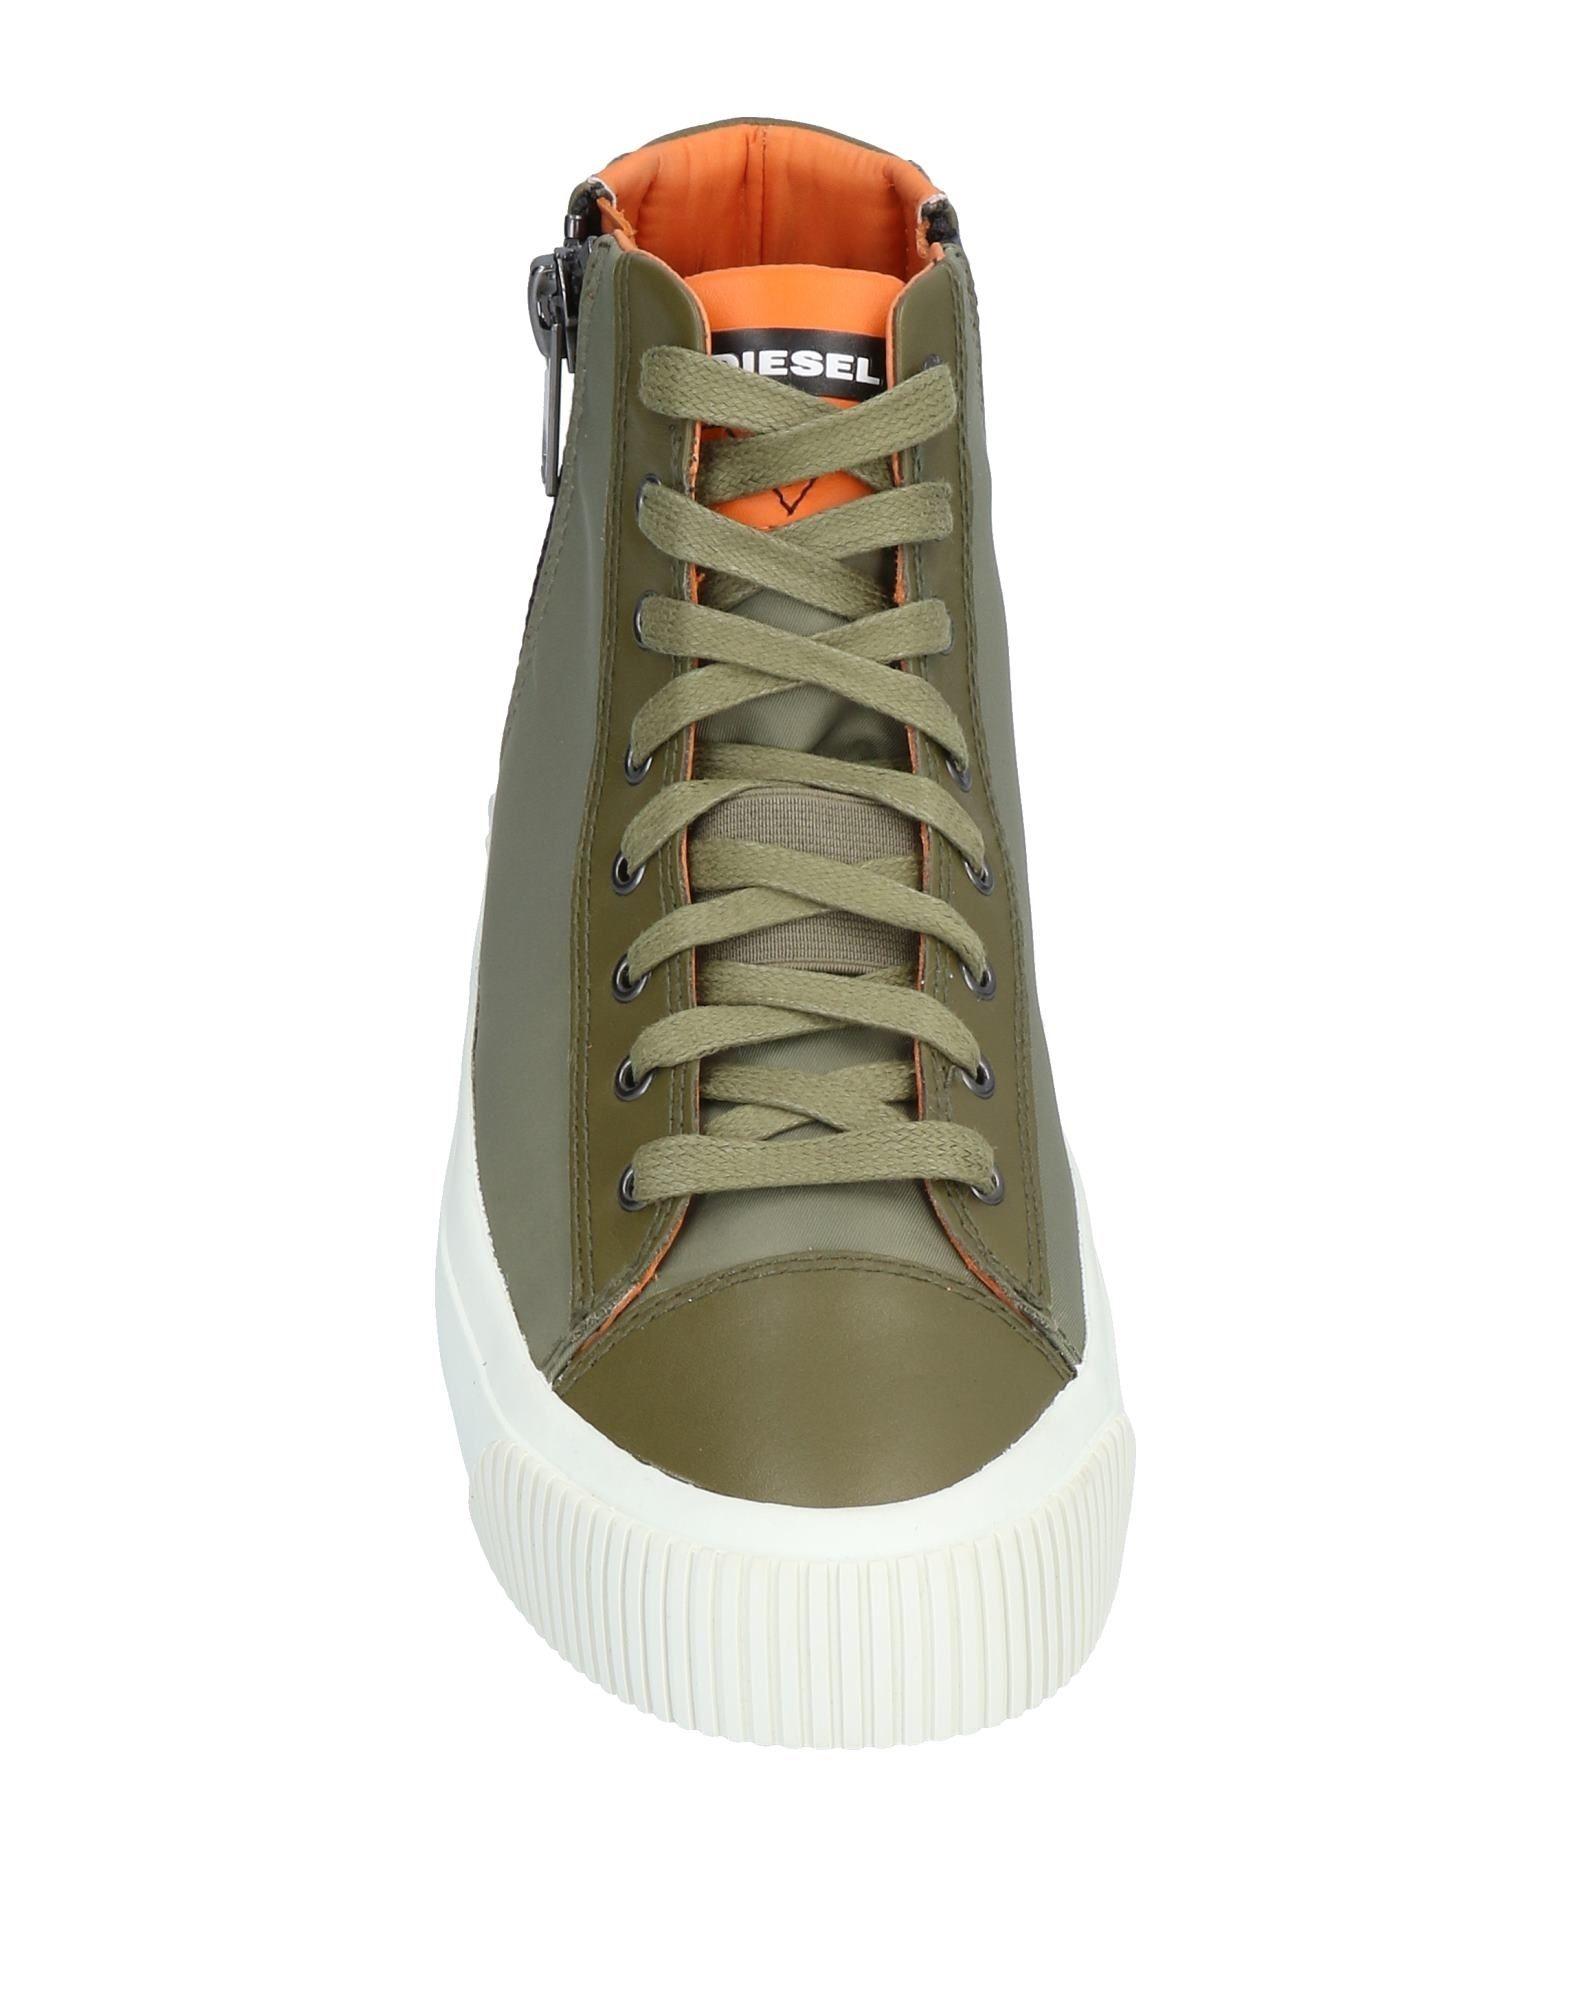 Diesel Sneakers Herren Heiße  11495824EU Heiße Herren Schuhe c067a7